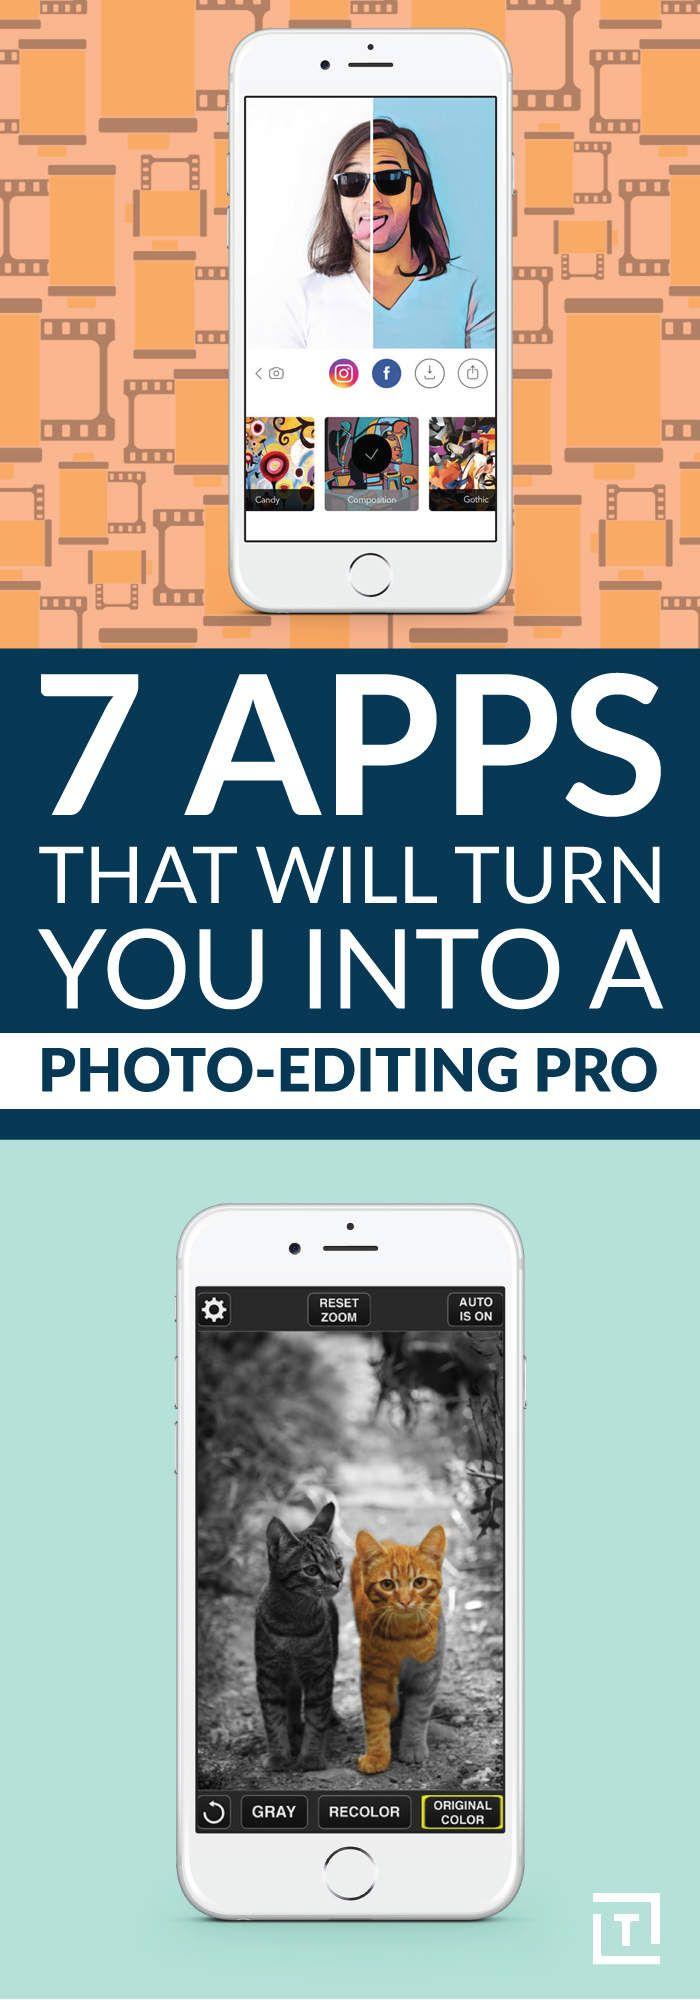 Ziemlich Beste App Für Fotos Framing Bilder - Benutzerdefinierte ...